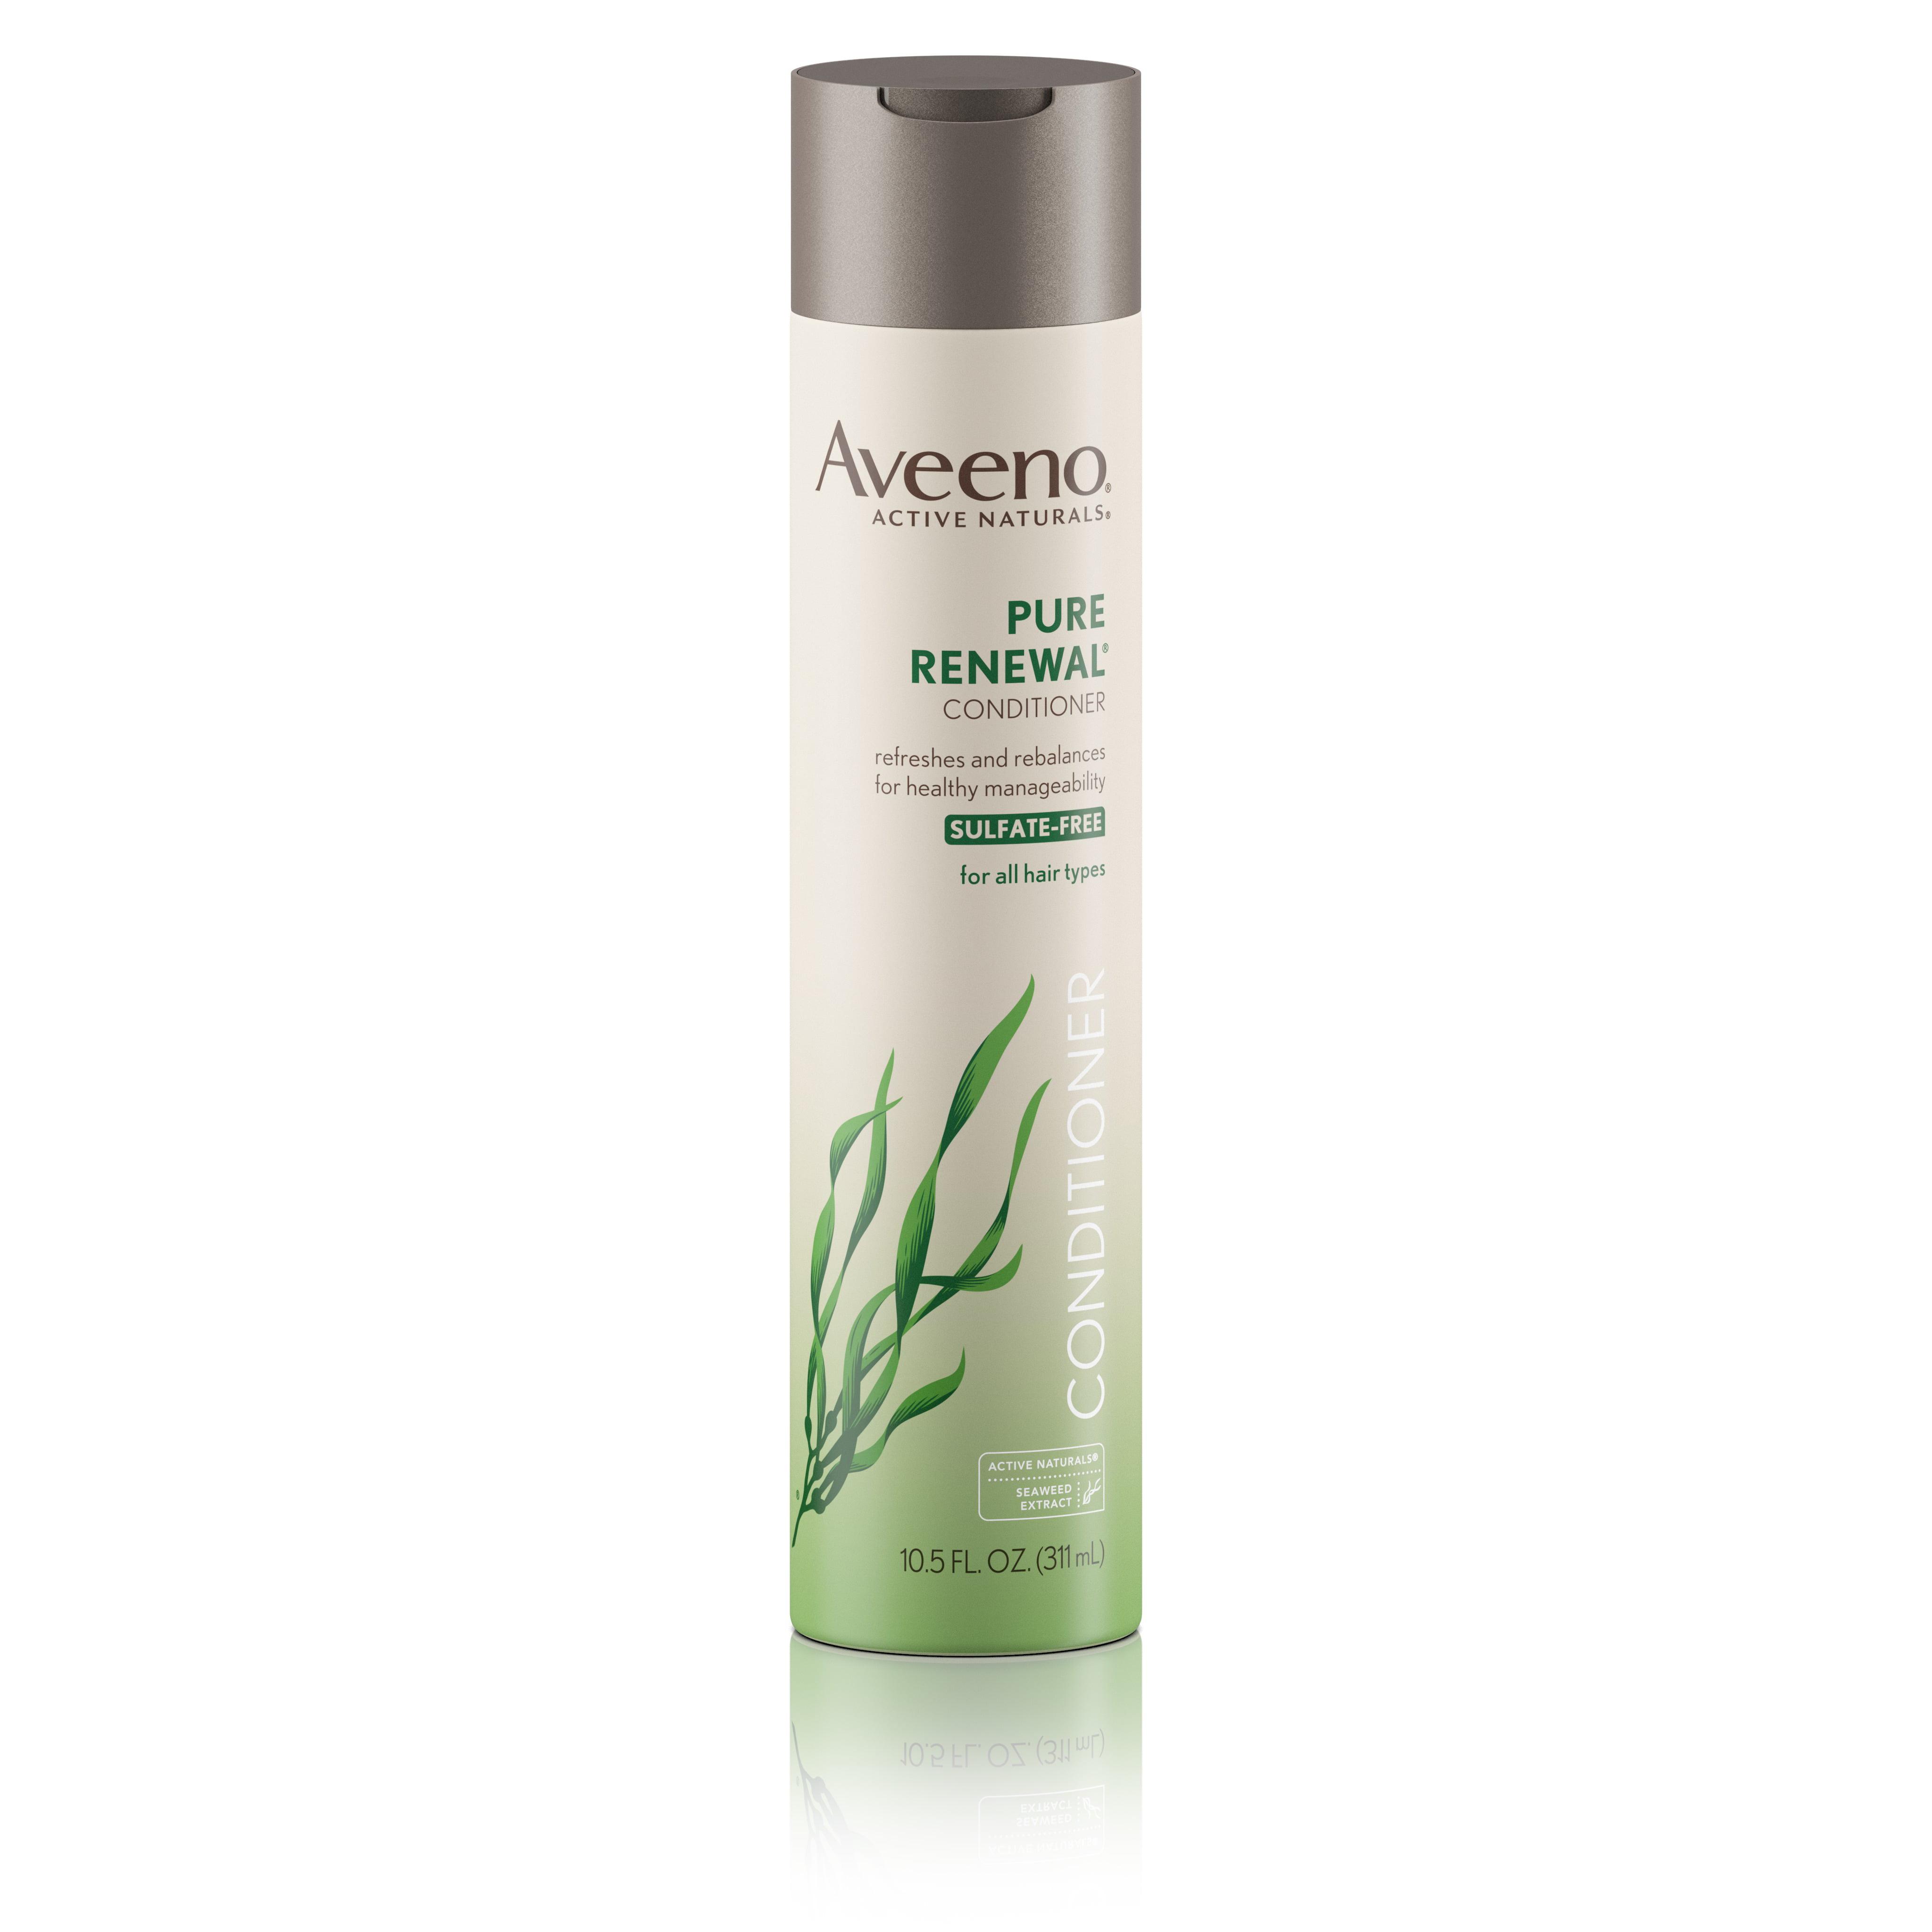 Aveeno Pure Renewal Conditioner, Sulfate-Free, 10.5 Fl. Oz